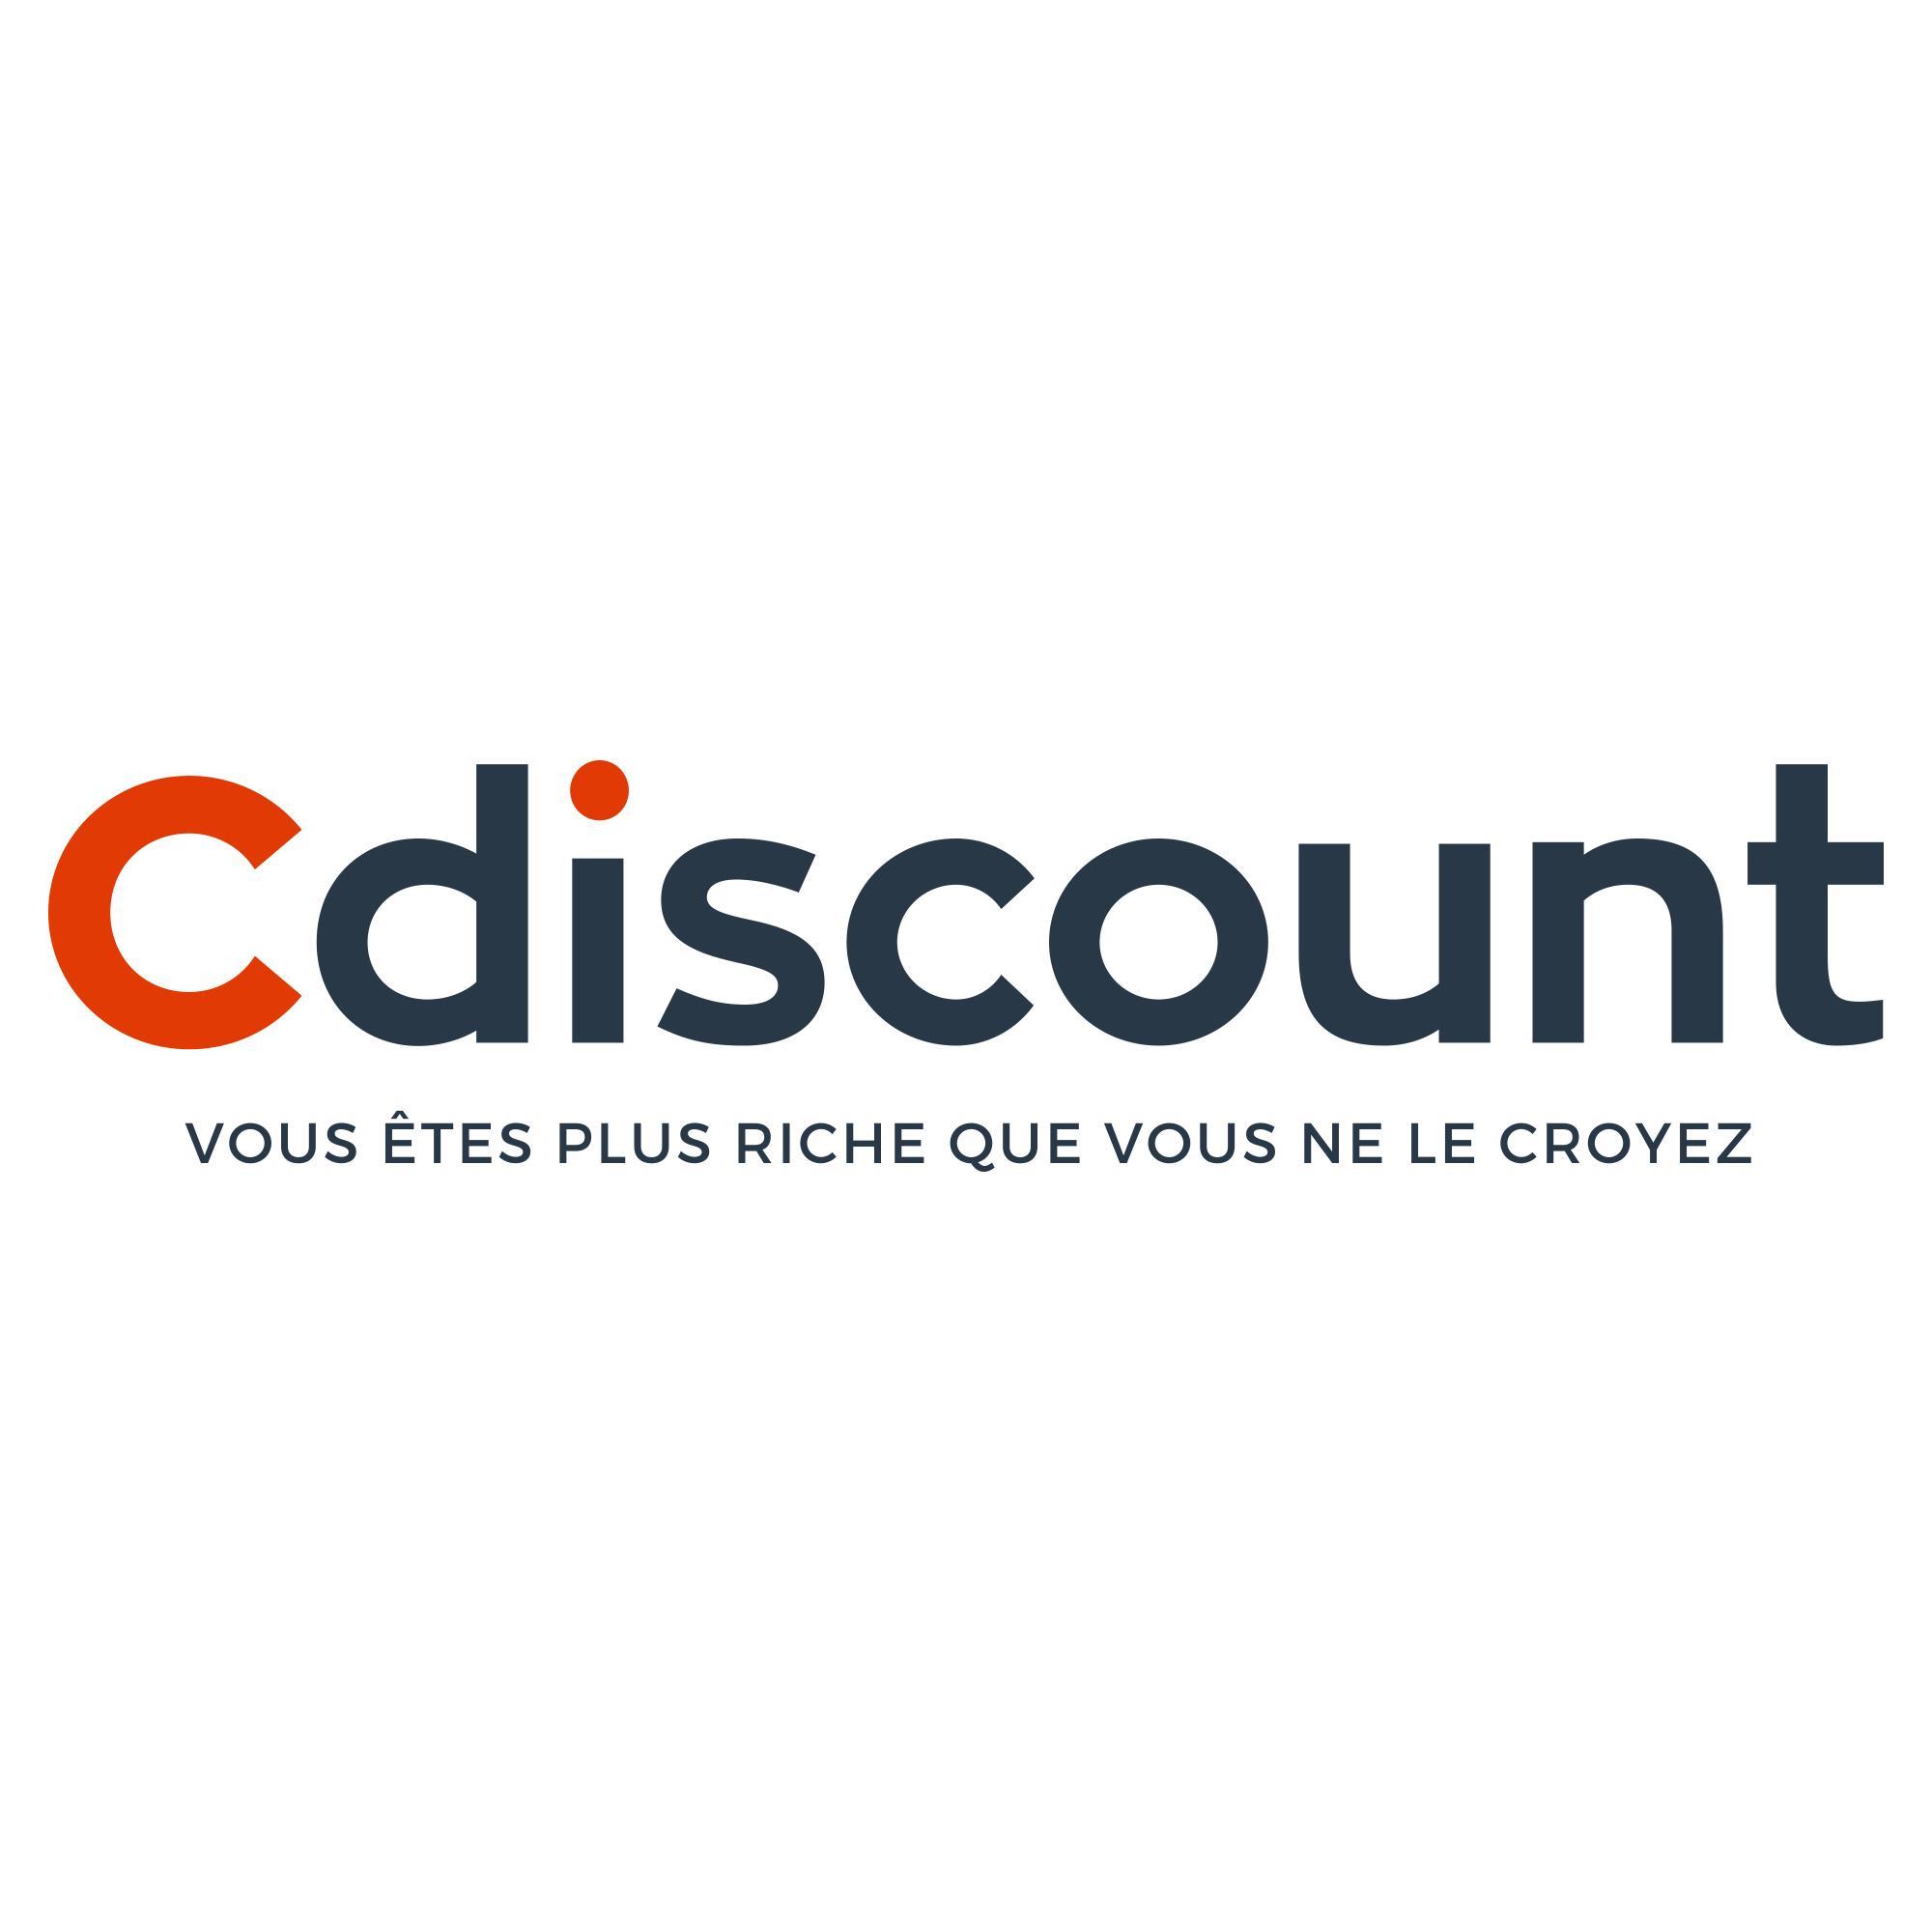 5€ de réduction dès 39€ d'achat, 10€ dès 79€ et 25€ dès 199€ sur tout le site via l'application et site mobile (Marketplace compris - Hors exceptions)